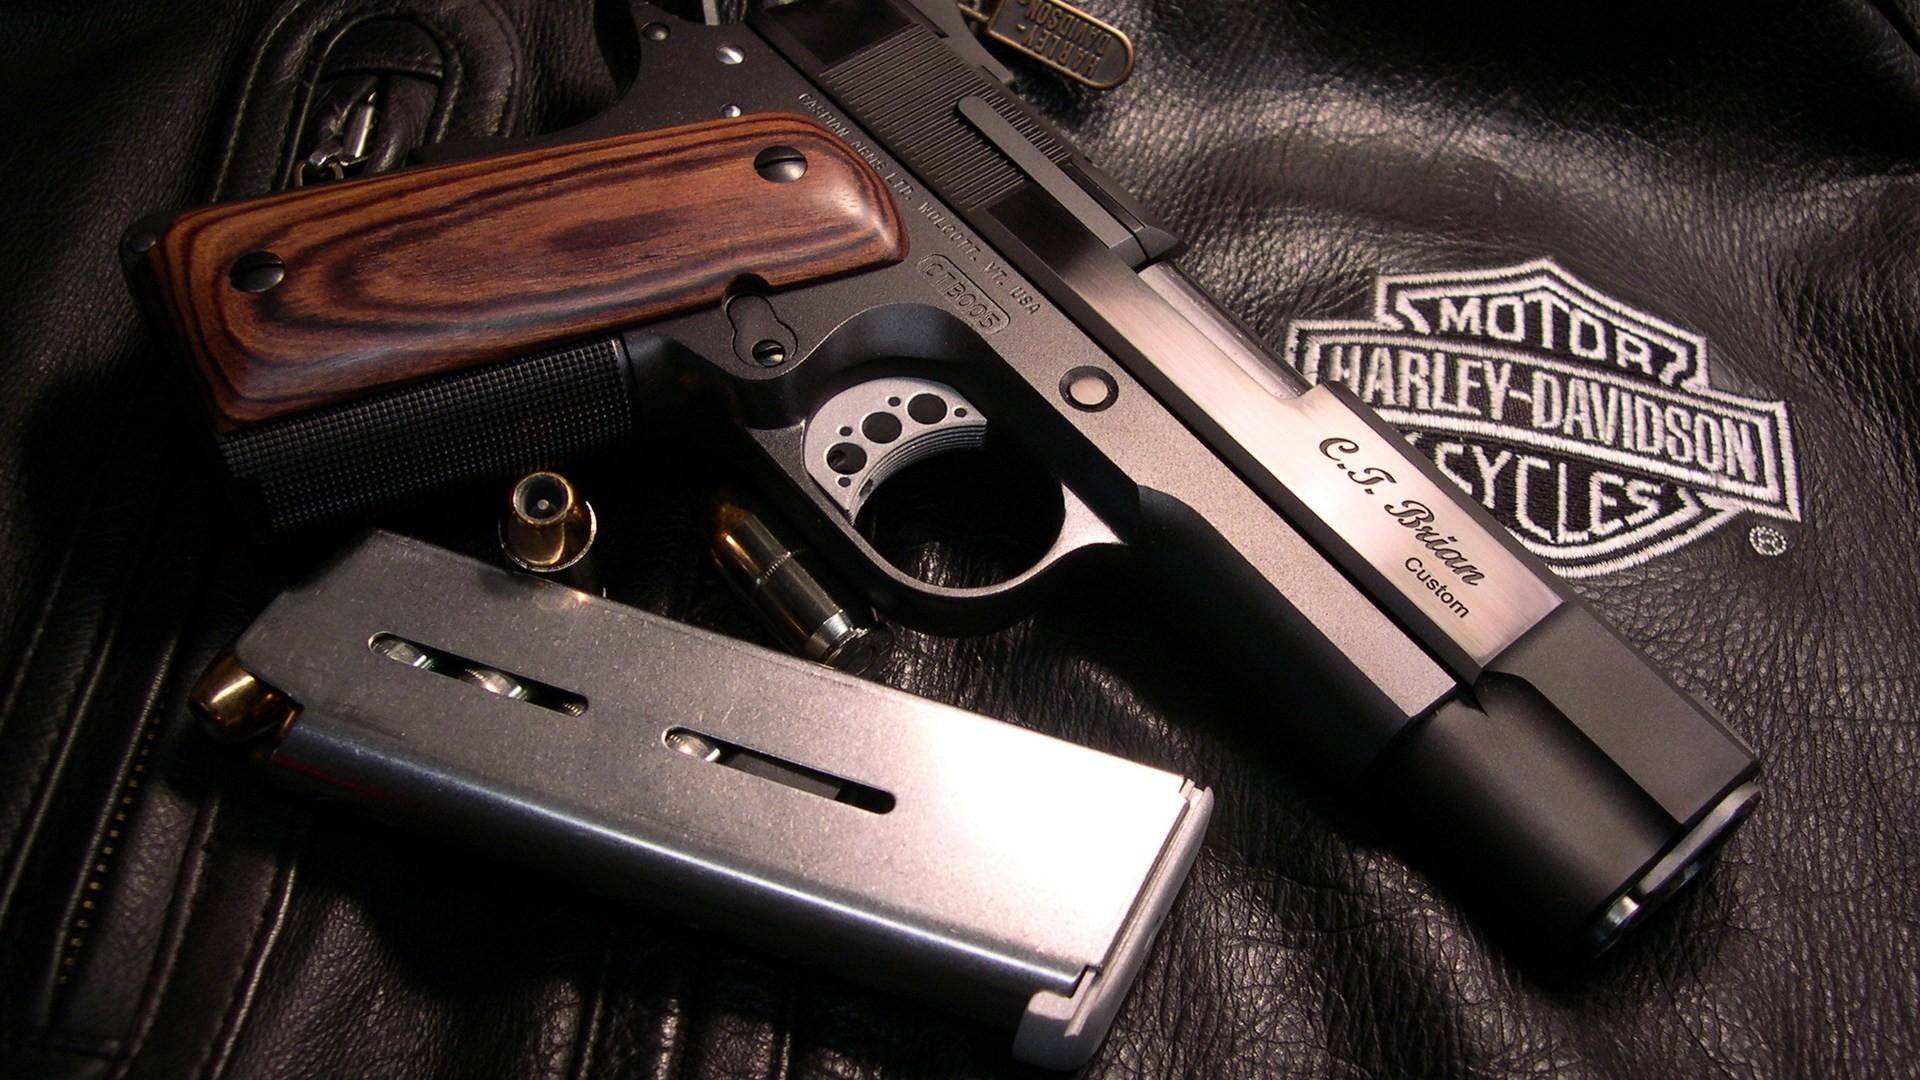 Best Guns And Harley Davidson Wallpaper Deskto 3047 Wallpaper High 1920x1080